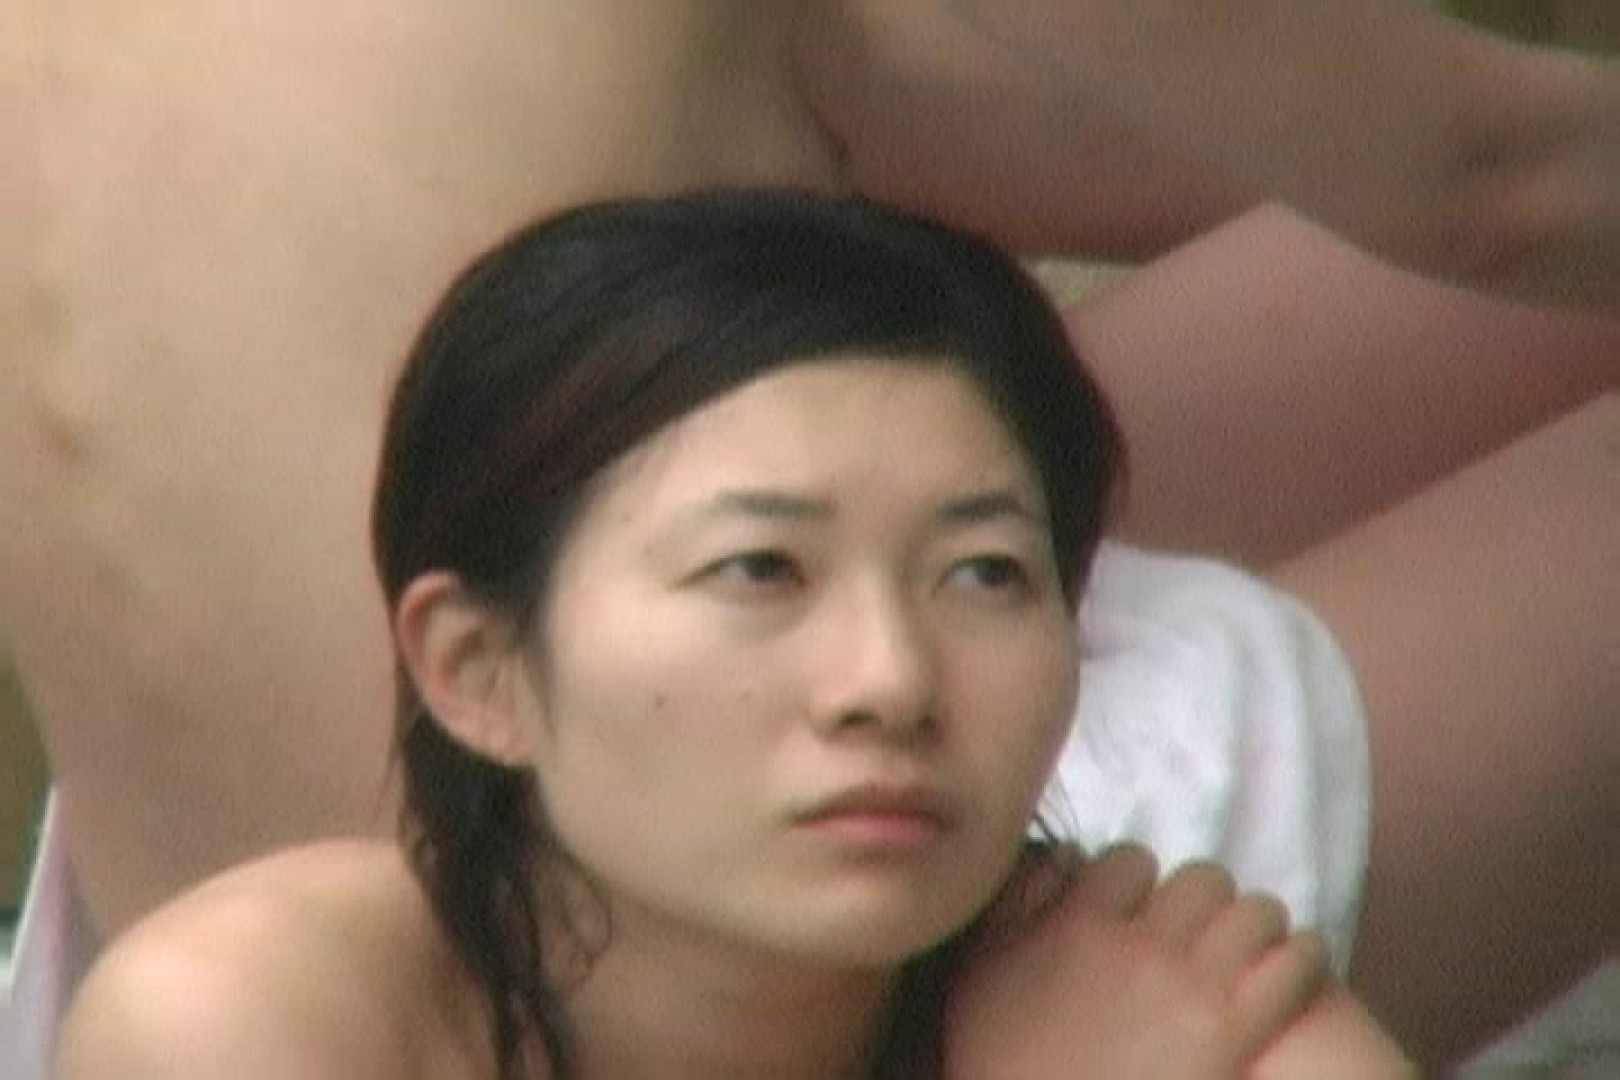 Aquaな露天風呂Vol.549 美しいOLの裸体 のぞき動画画像 93pic 56